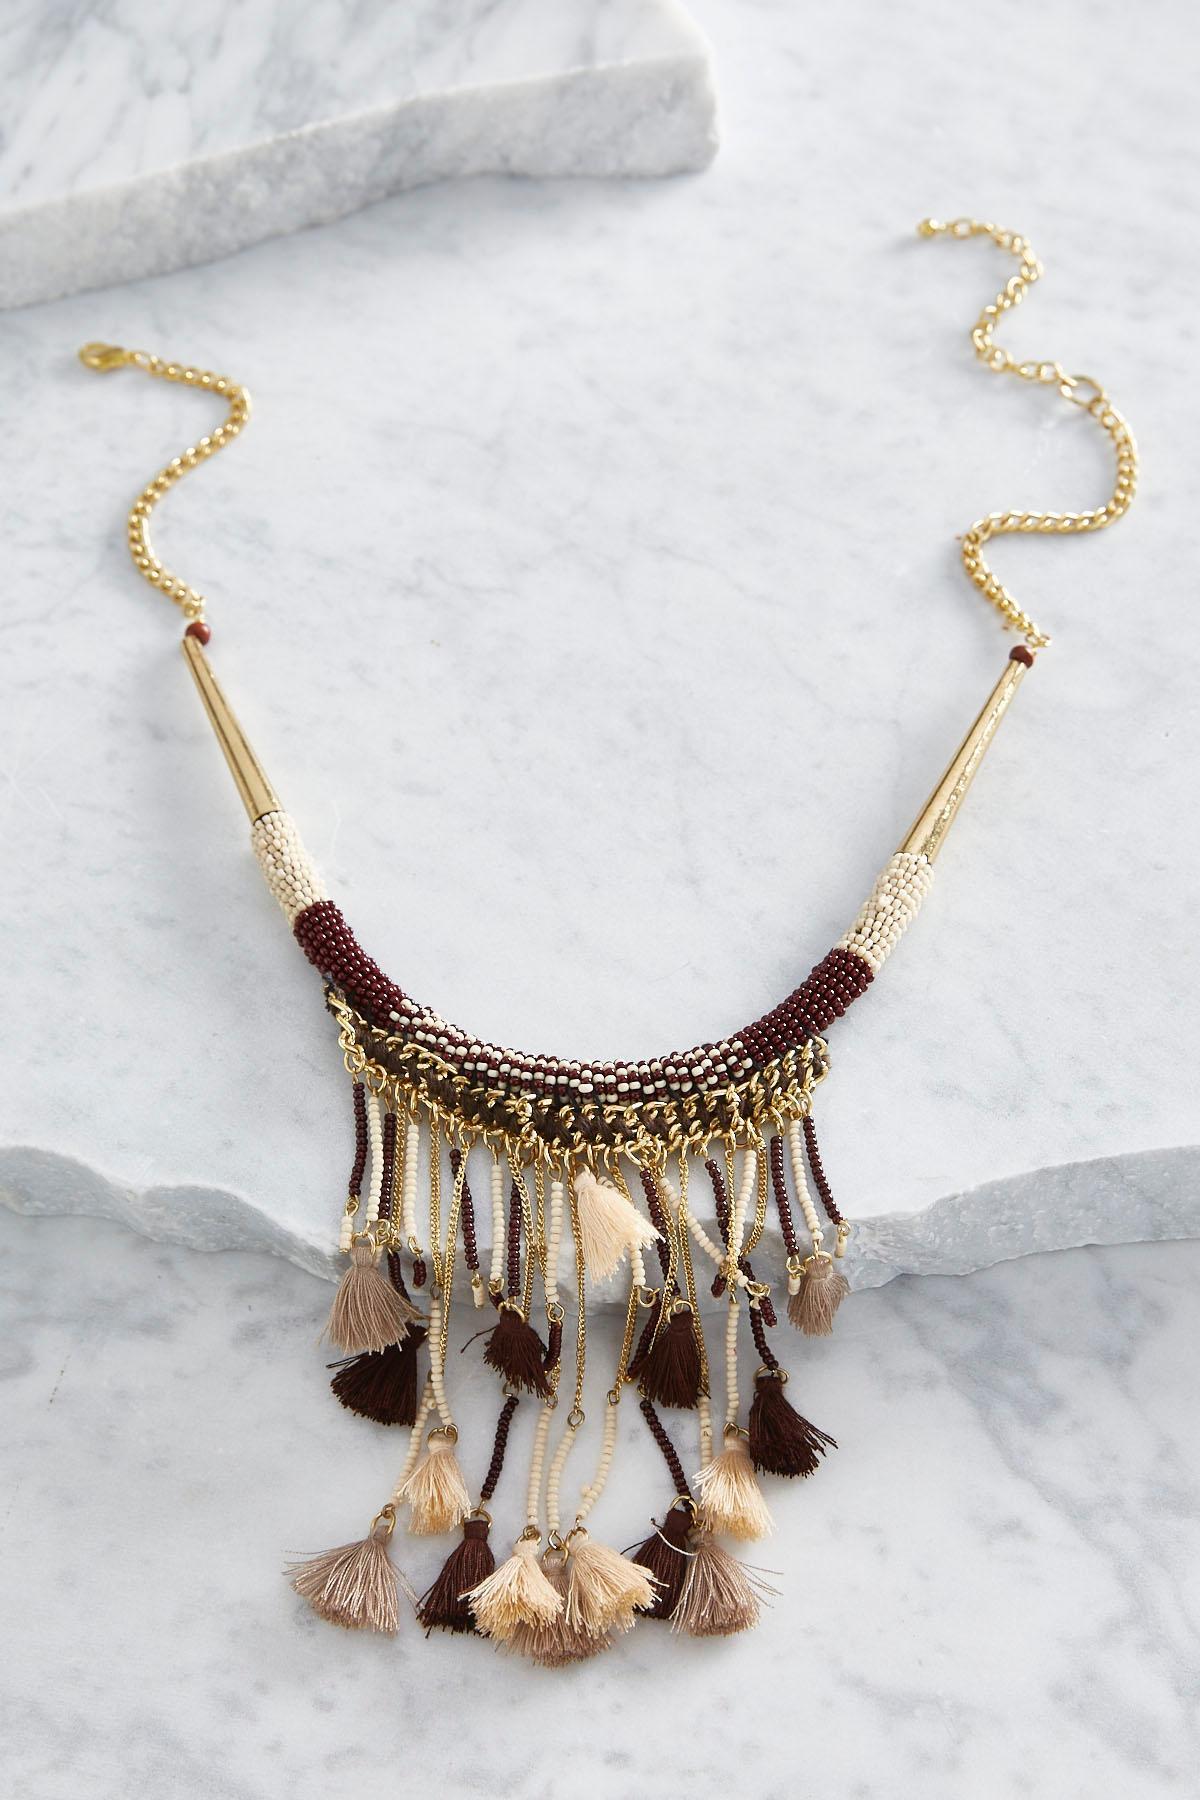 Tasseled Fringe Tribal Bib Necklace